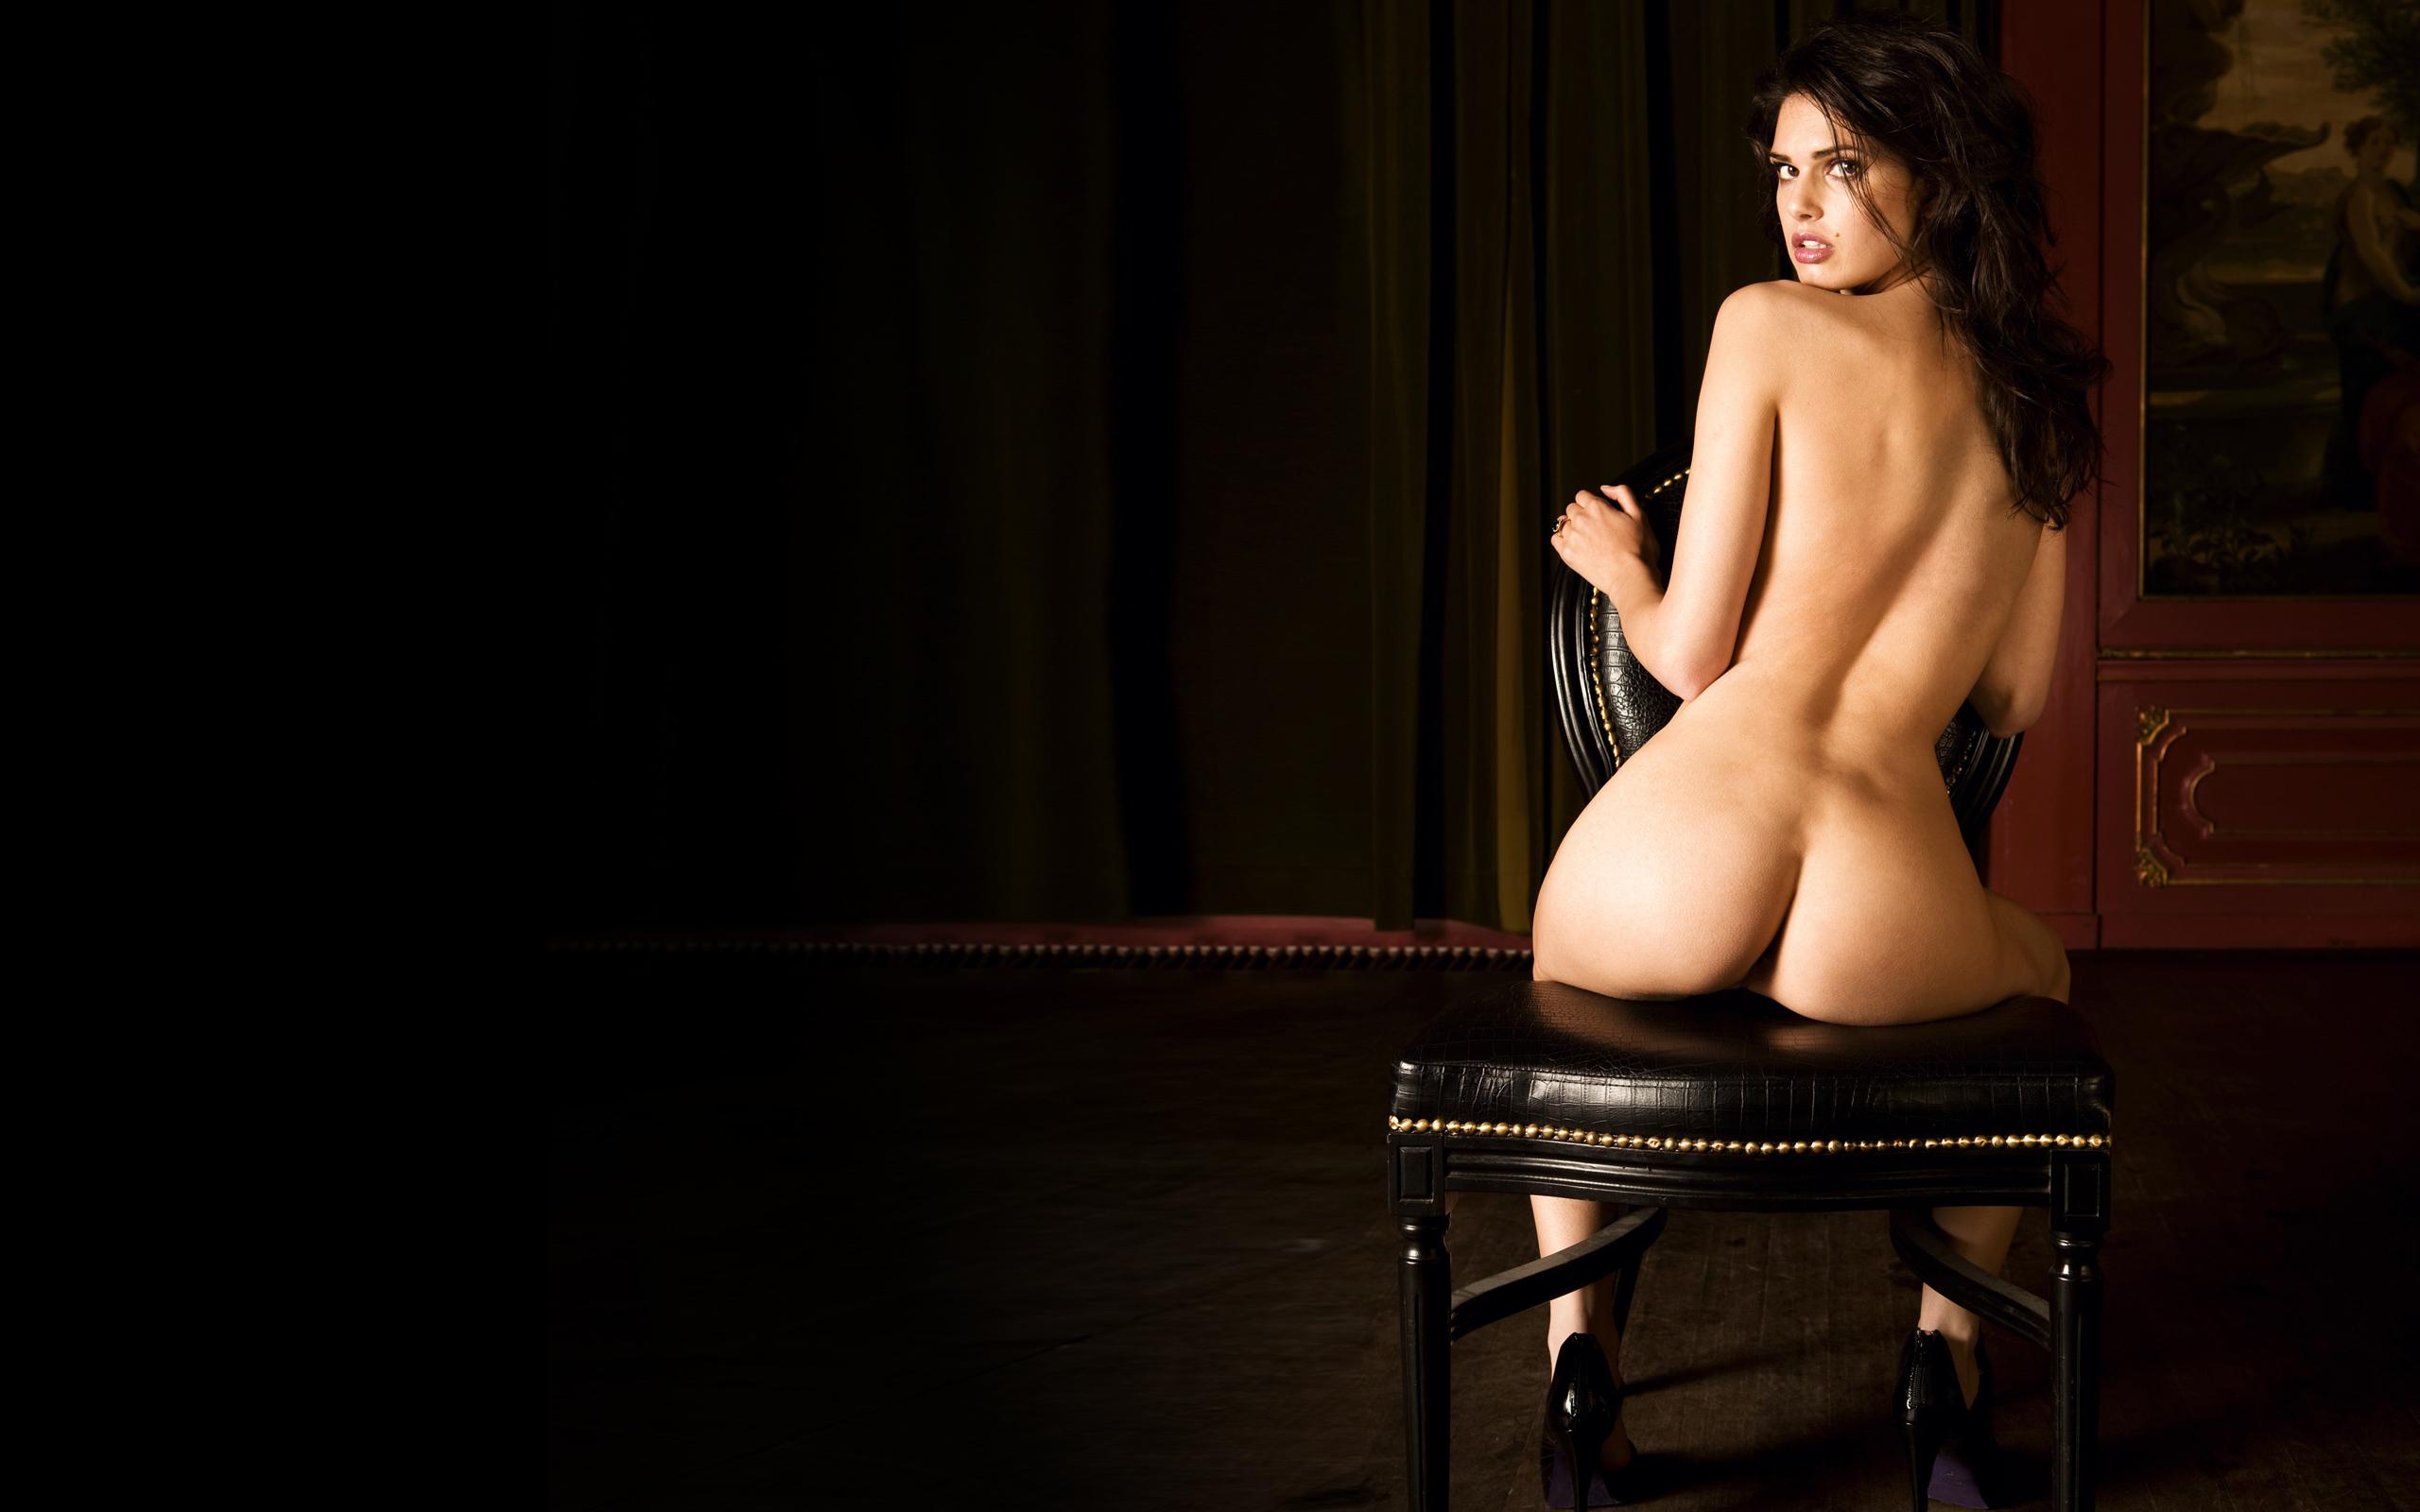 Женщина сидит голая